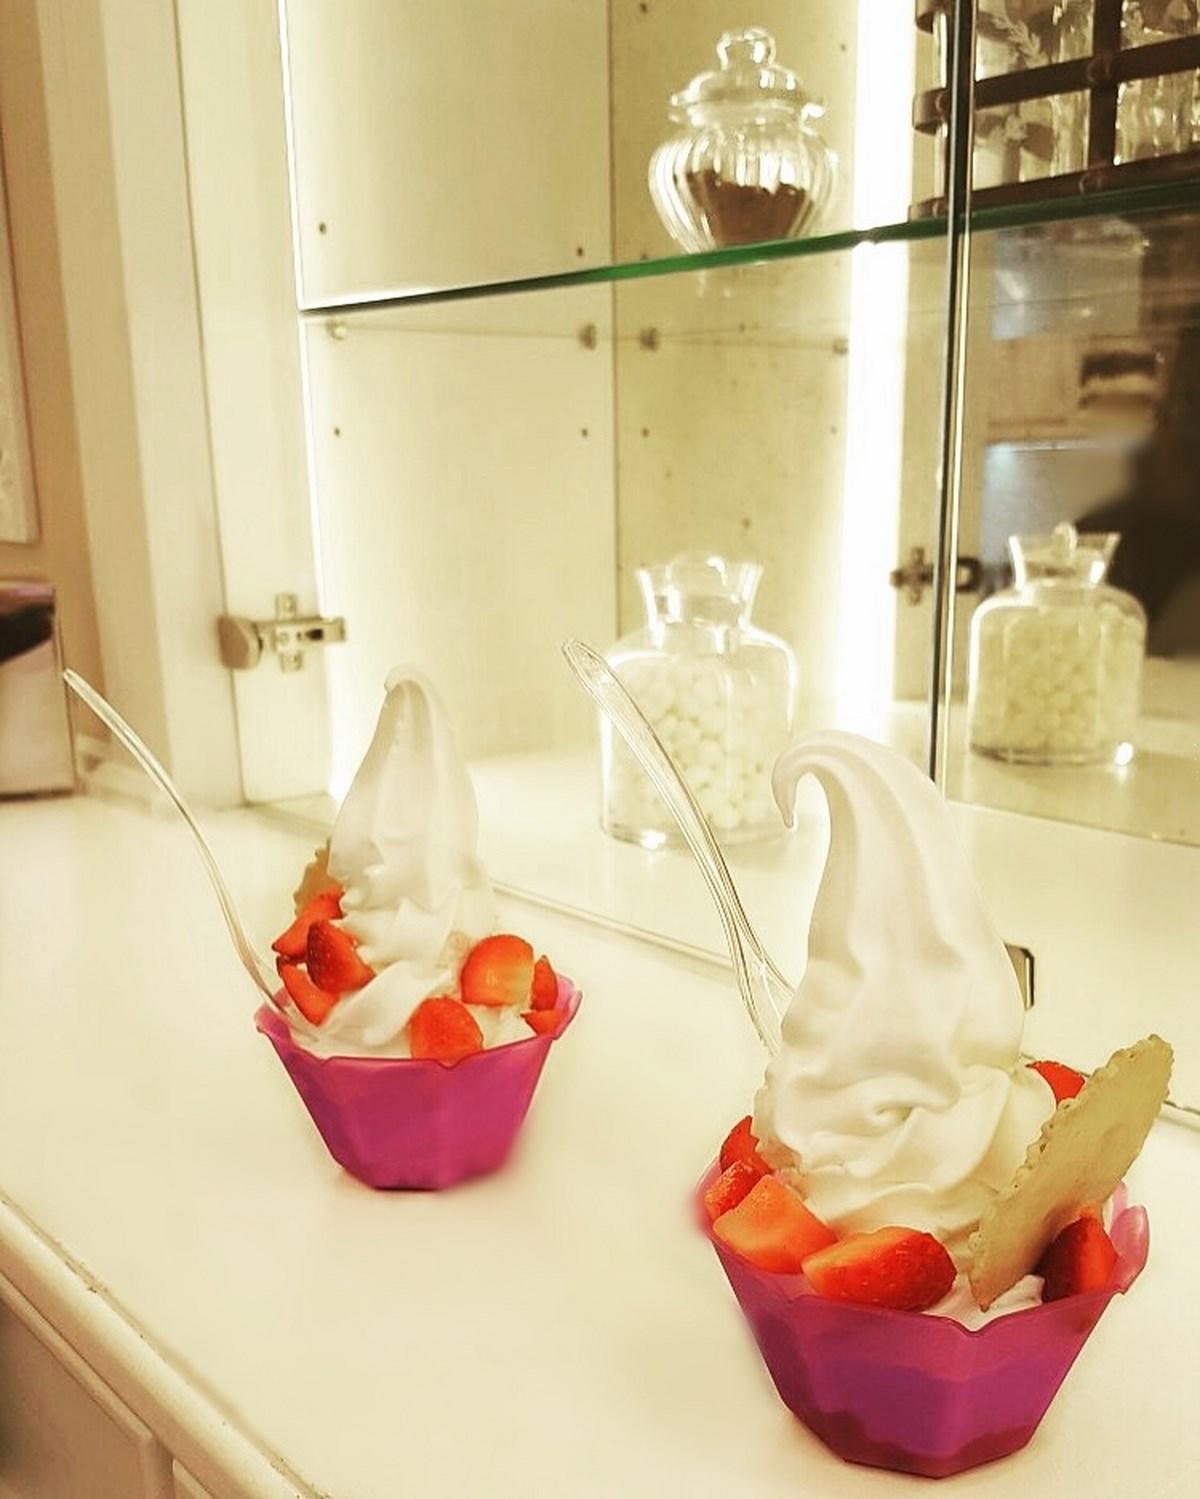 Lody jogurtowe w Lecco